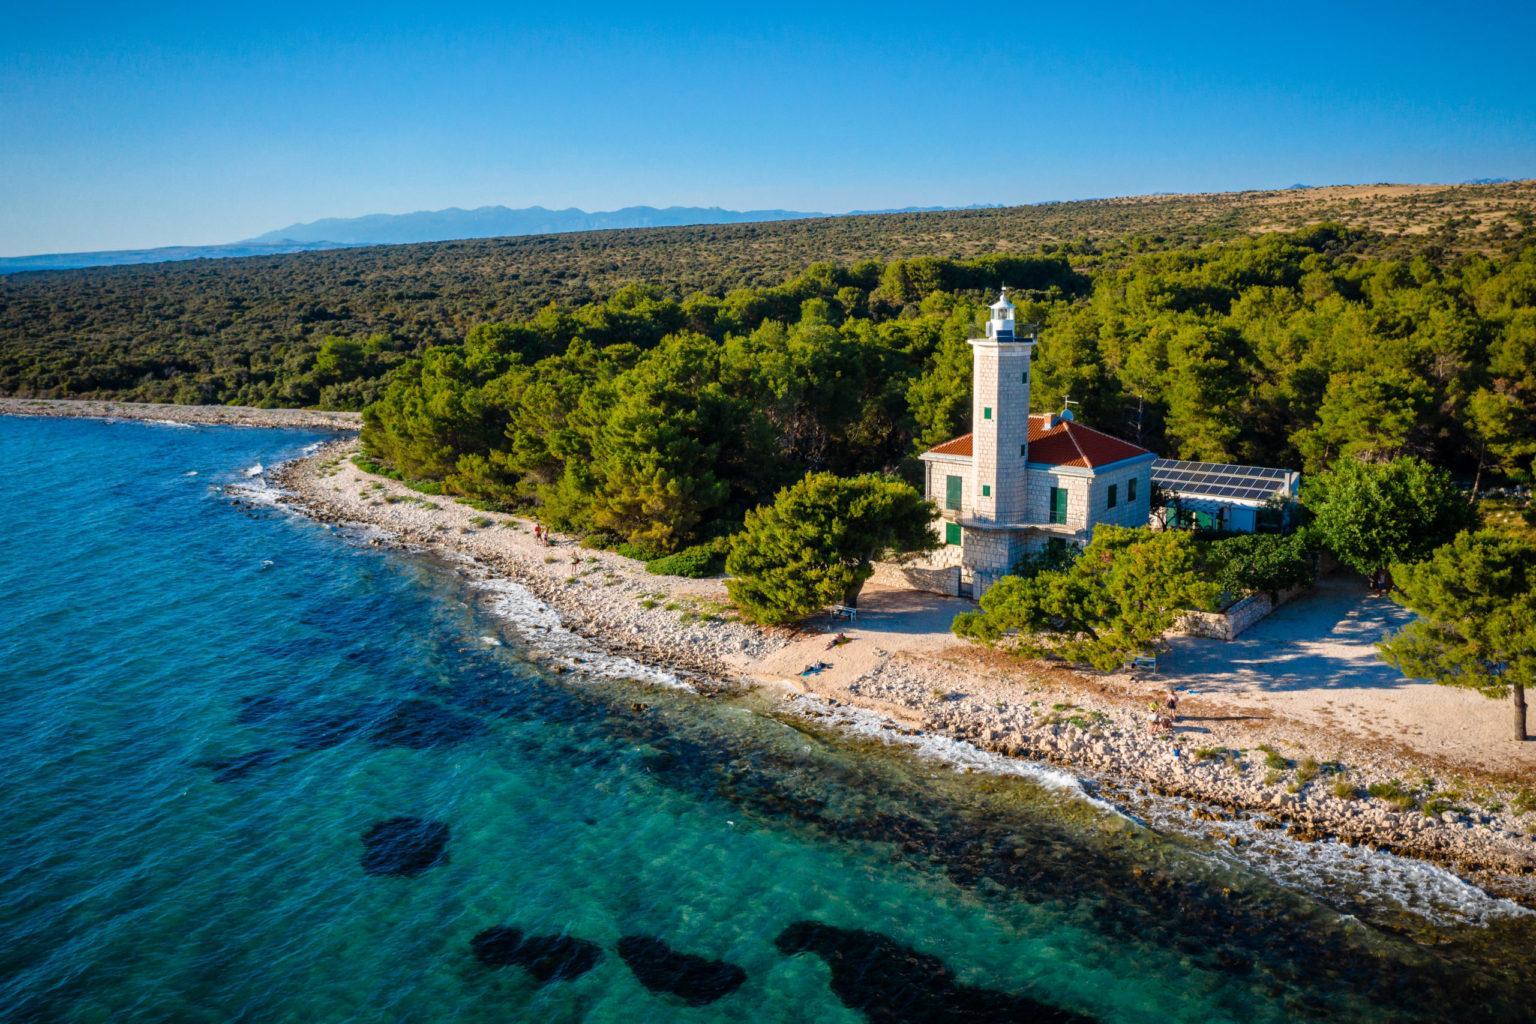 Hochzeit am Leuchtturm Heiraten Hochzeitslocation Location in Kroatien am Meer